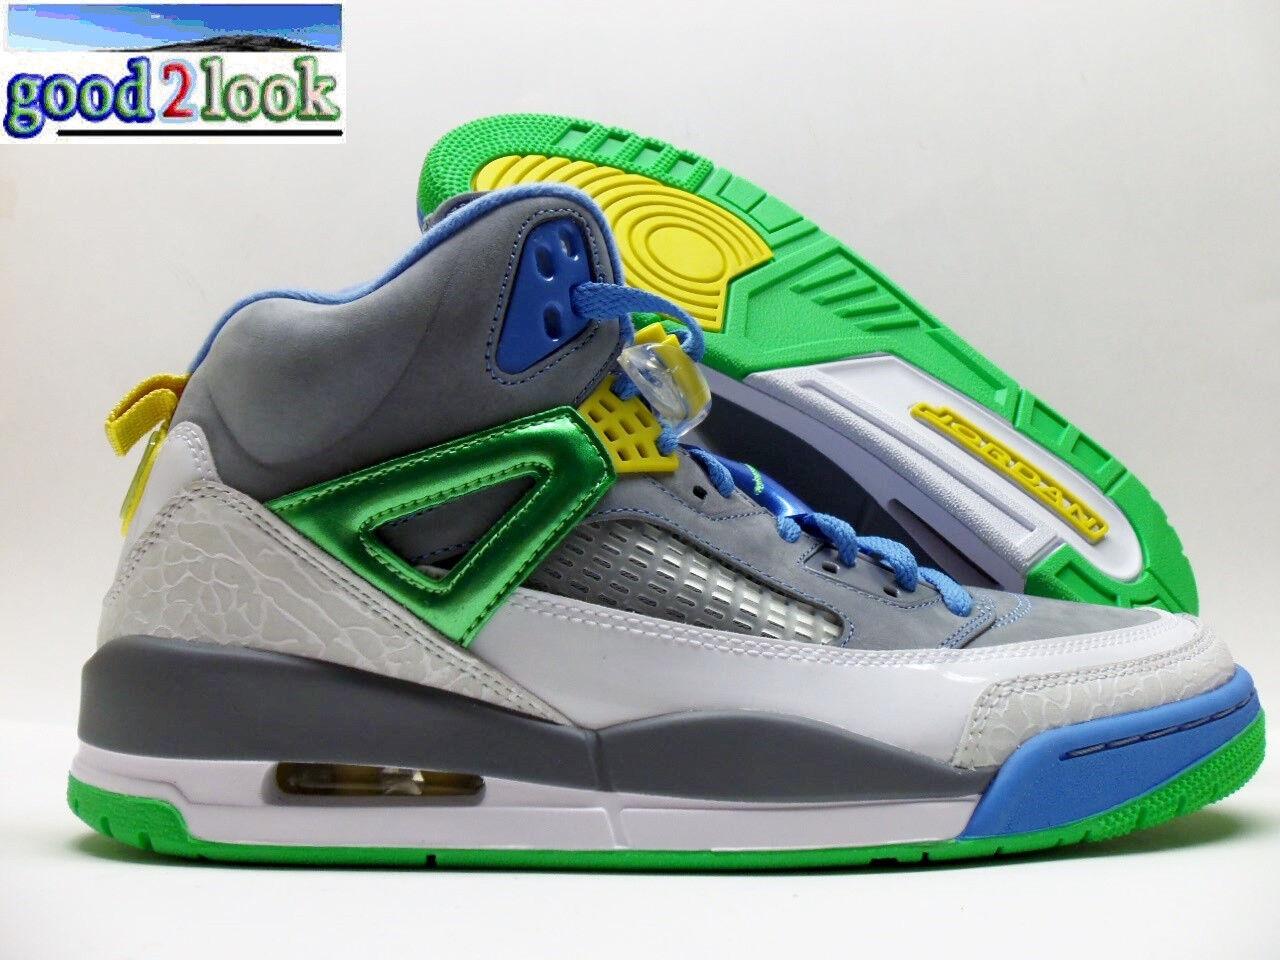 Nike basketball jordan spizike basketball Nike stealth / green-Blau größe männer 10,5 [315371-056] 4a442d